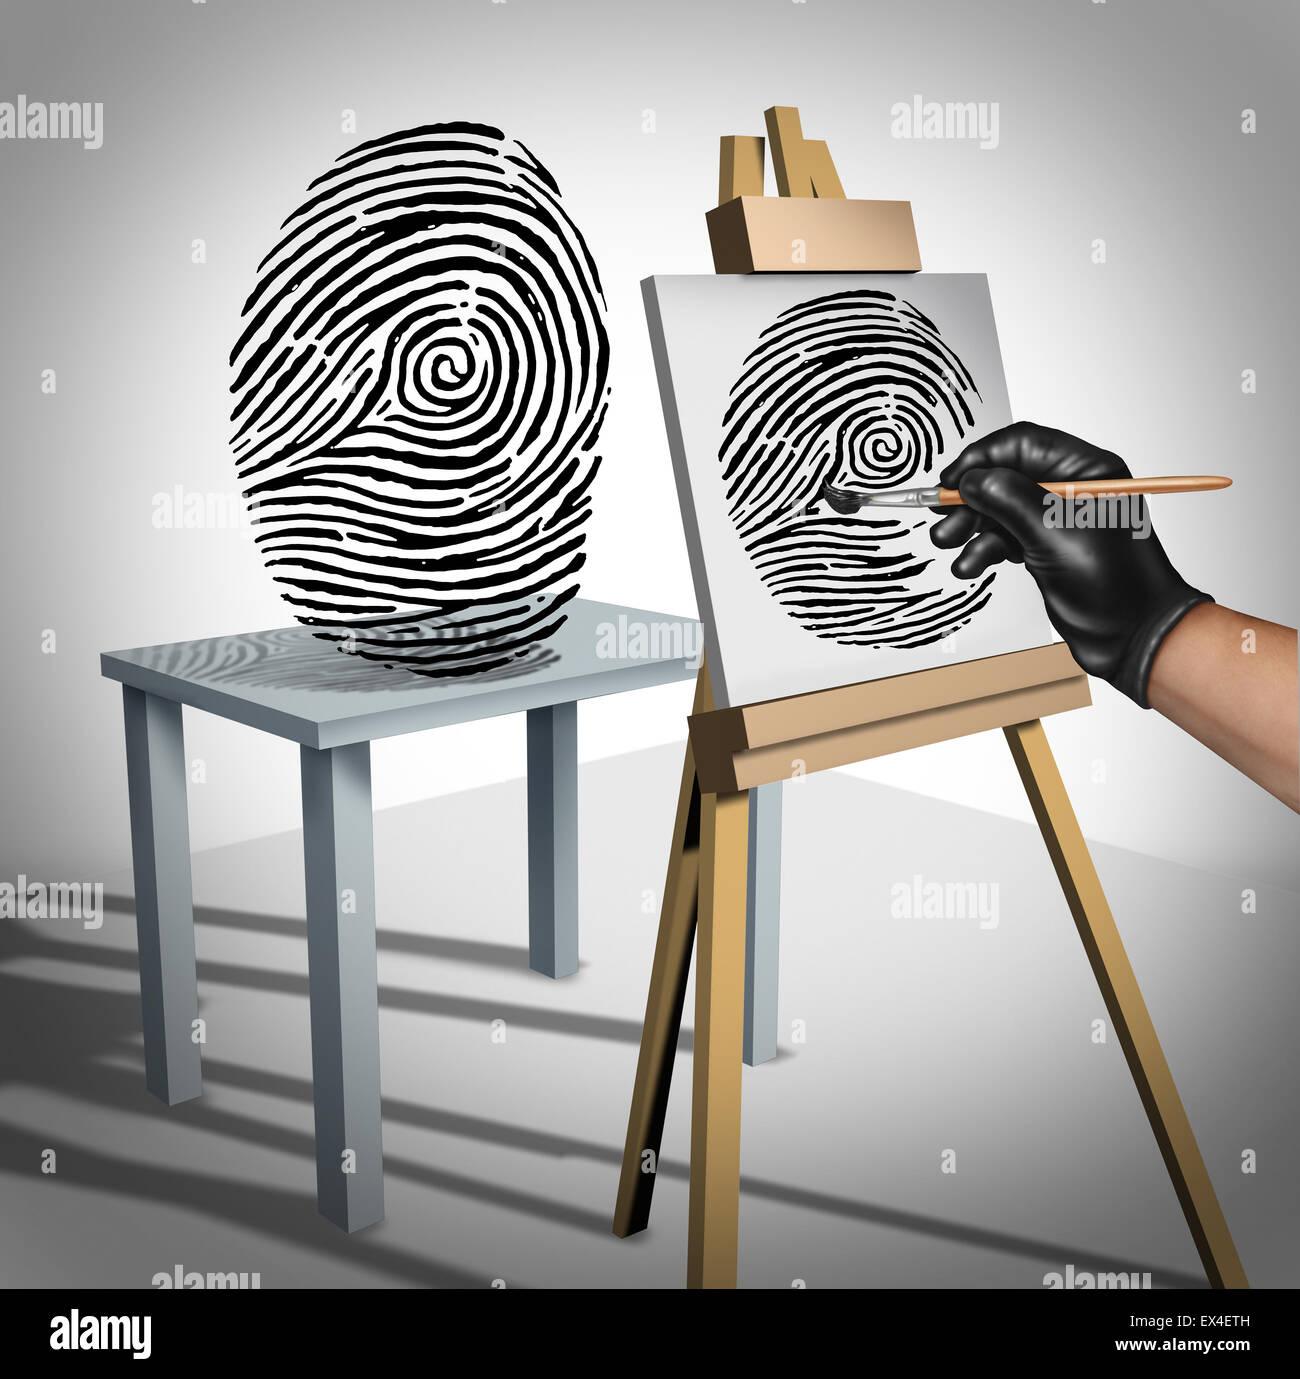 Concepto de robo de identidad como un criminal pintar una copia de una huella como un símbolo de seguridad Imagen De Stock